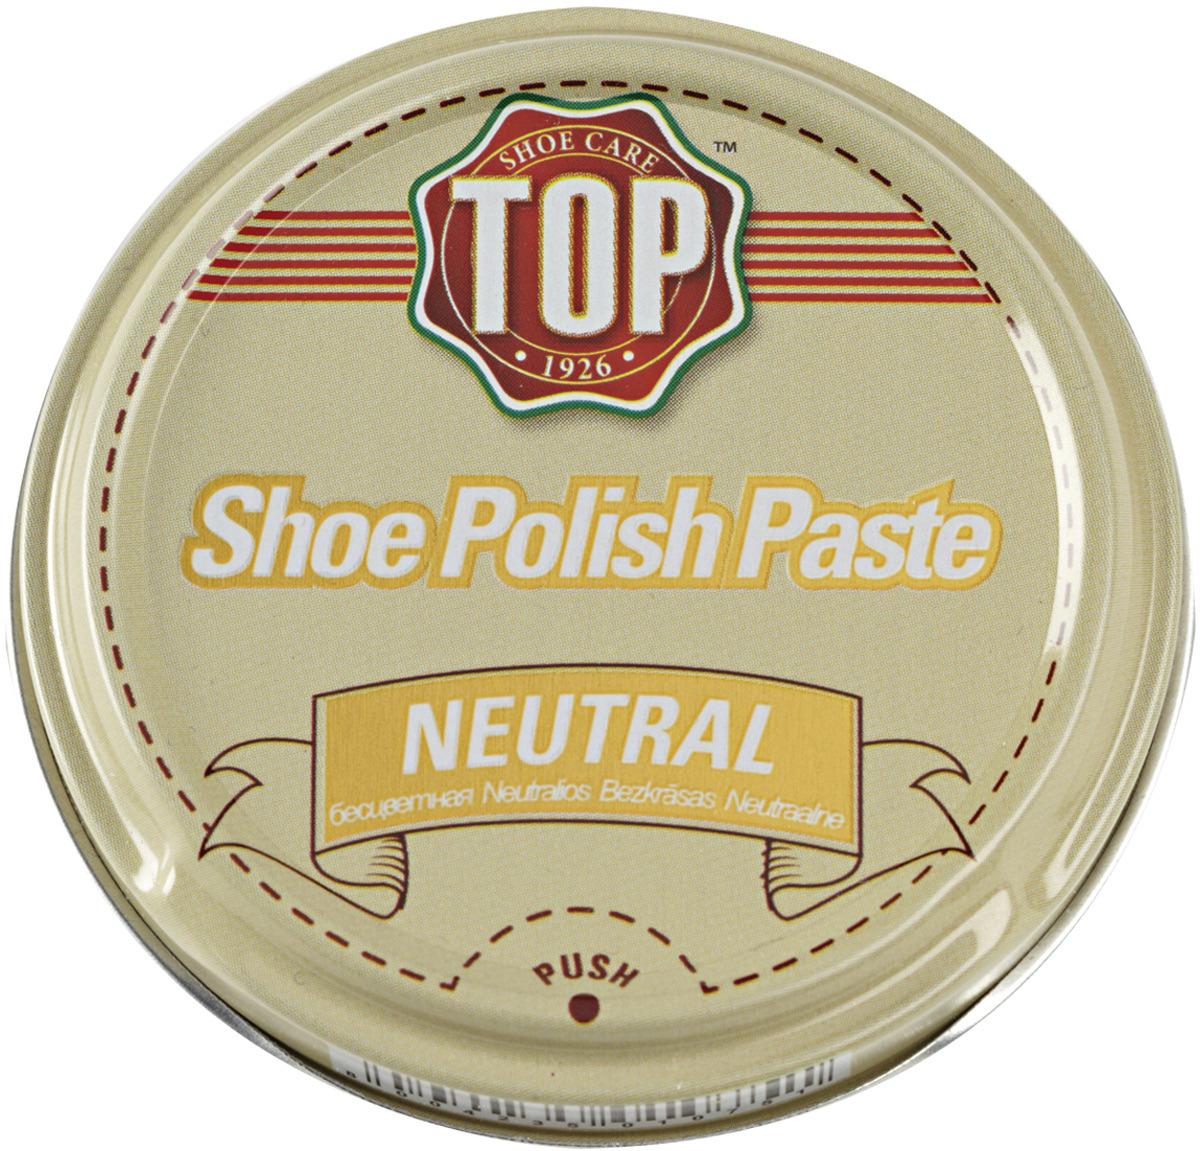 Крем для обуви TOP, цвет: бесцветный, 50 мл жир для кожаной обуви centralin цвет бесцветный 150 мл уцененный товар 3